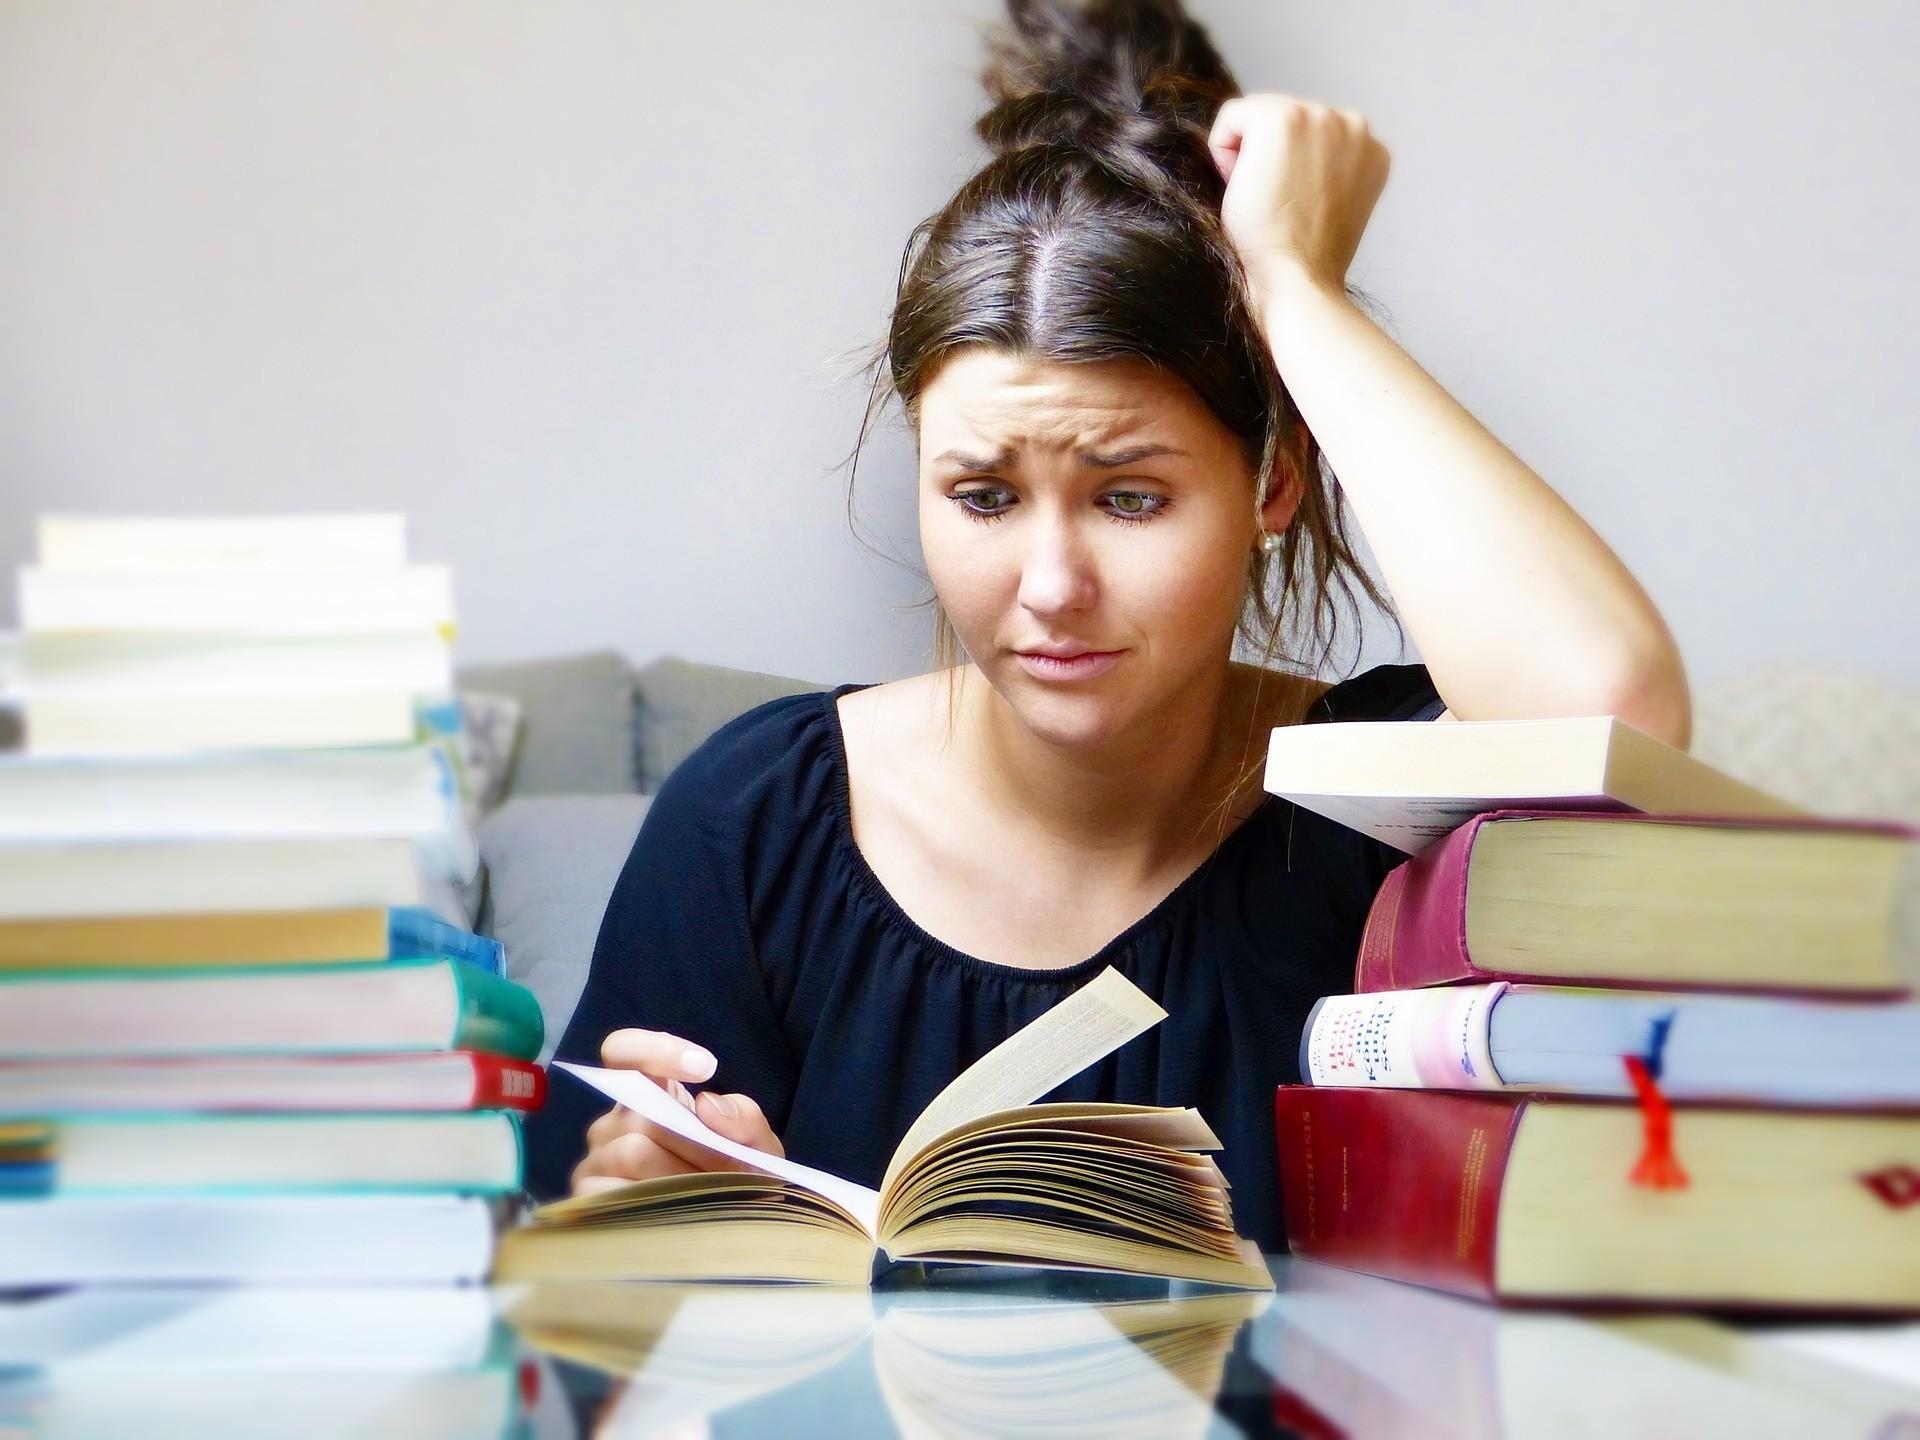 ▲▼現代人課業、工作壓力大,不少人都出現失眠、自律神經失調等狀況。(圖/取自免費圖庫Pixabay)